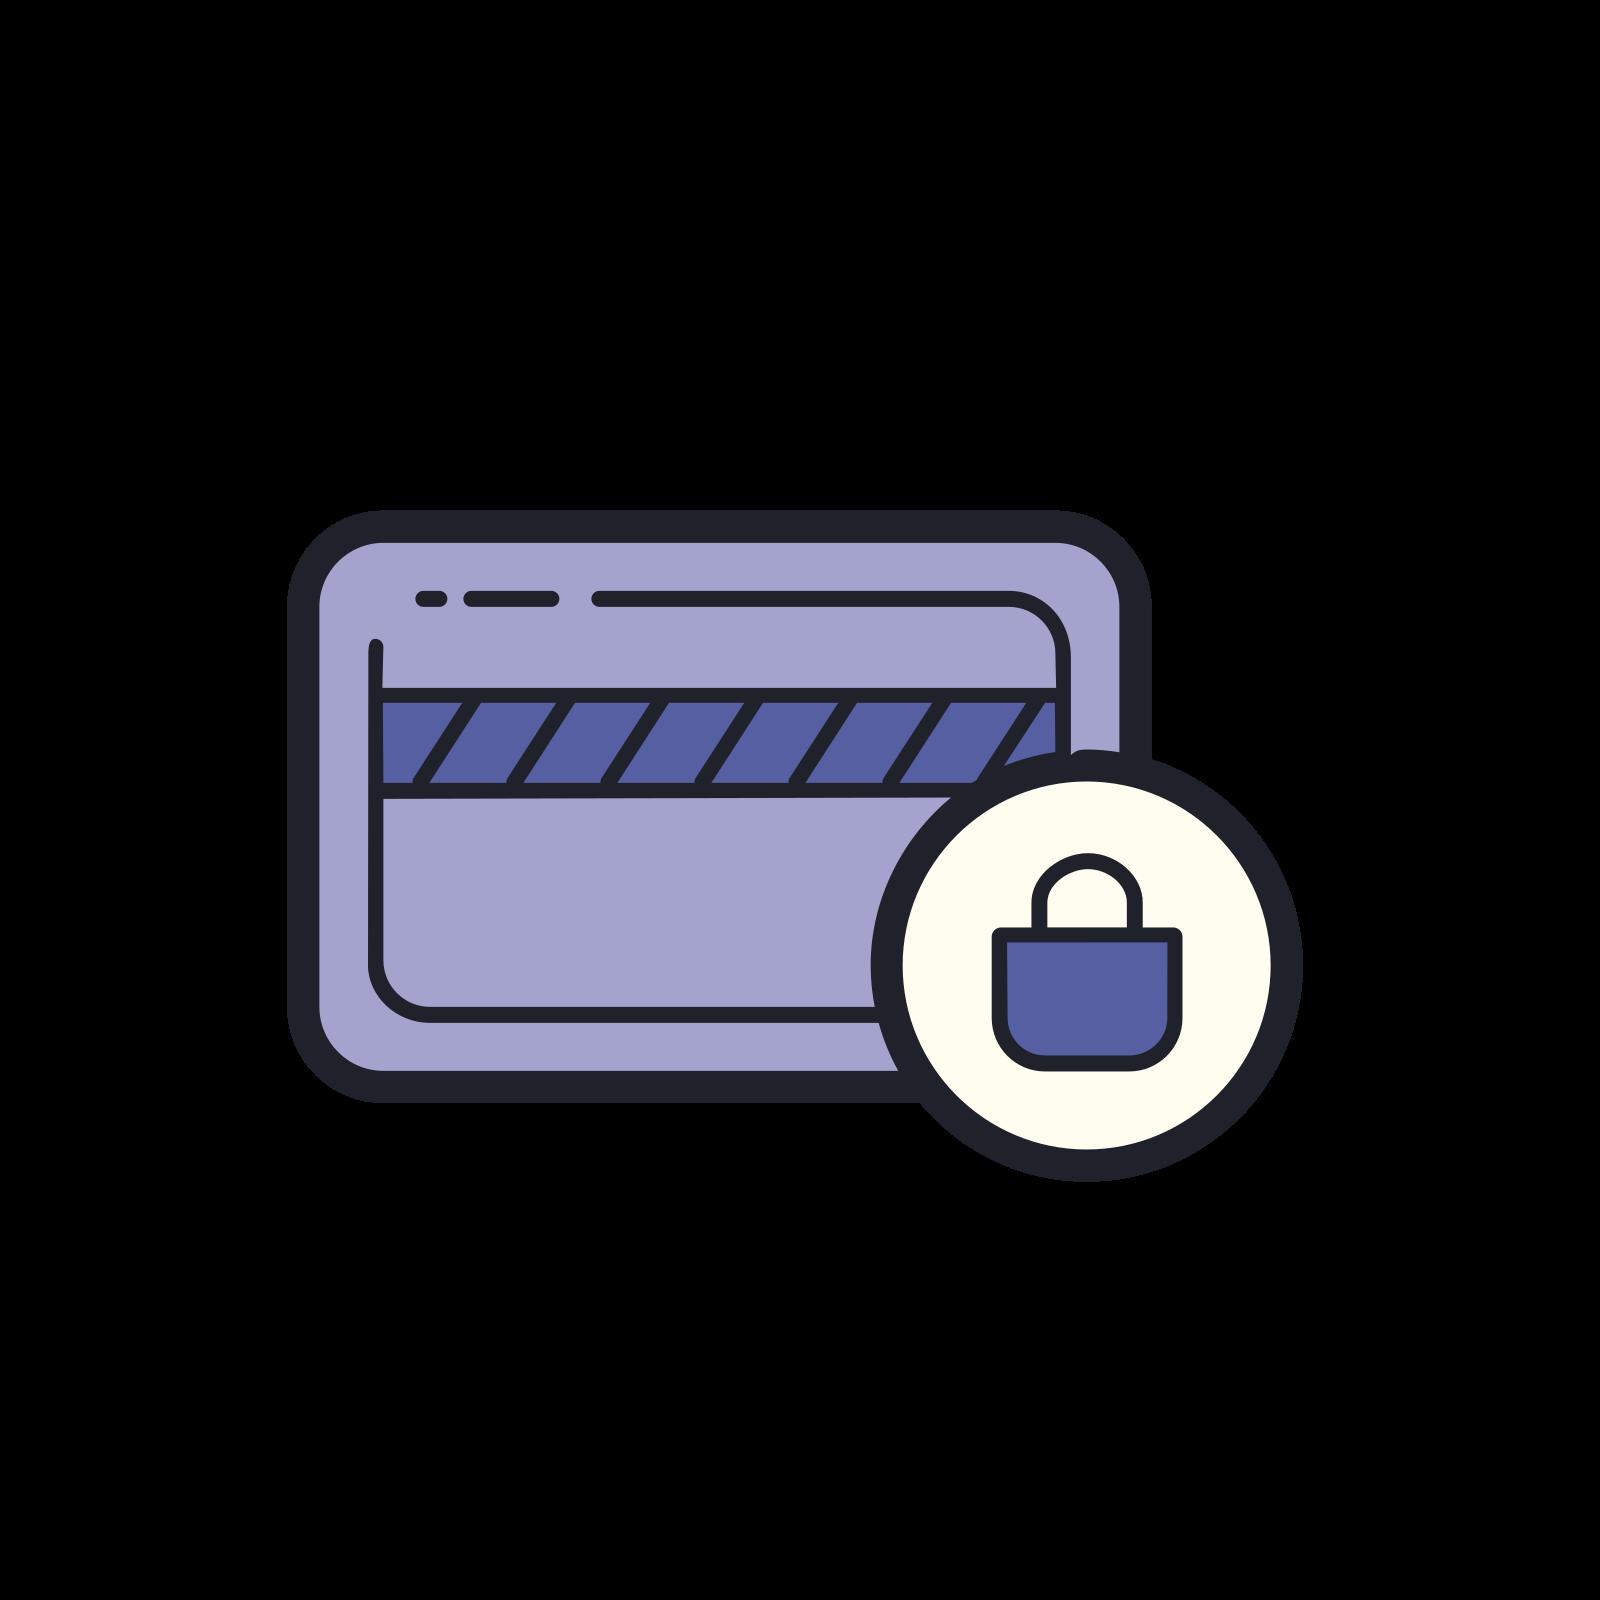 Seguridad de la tarjeta icon